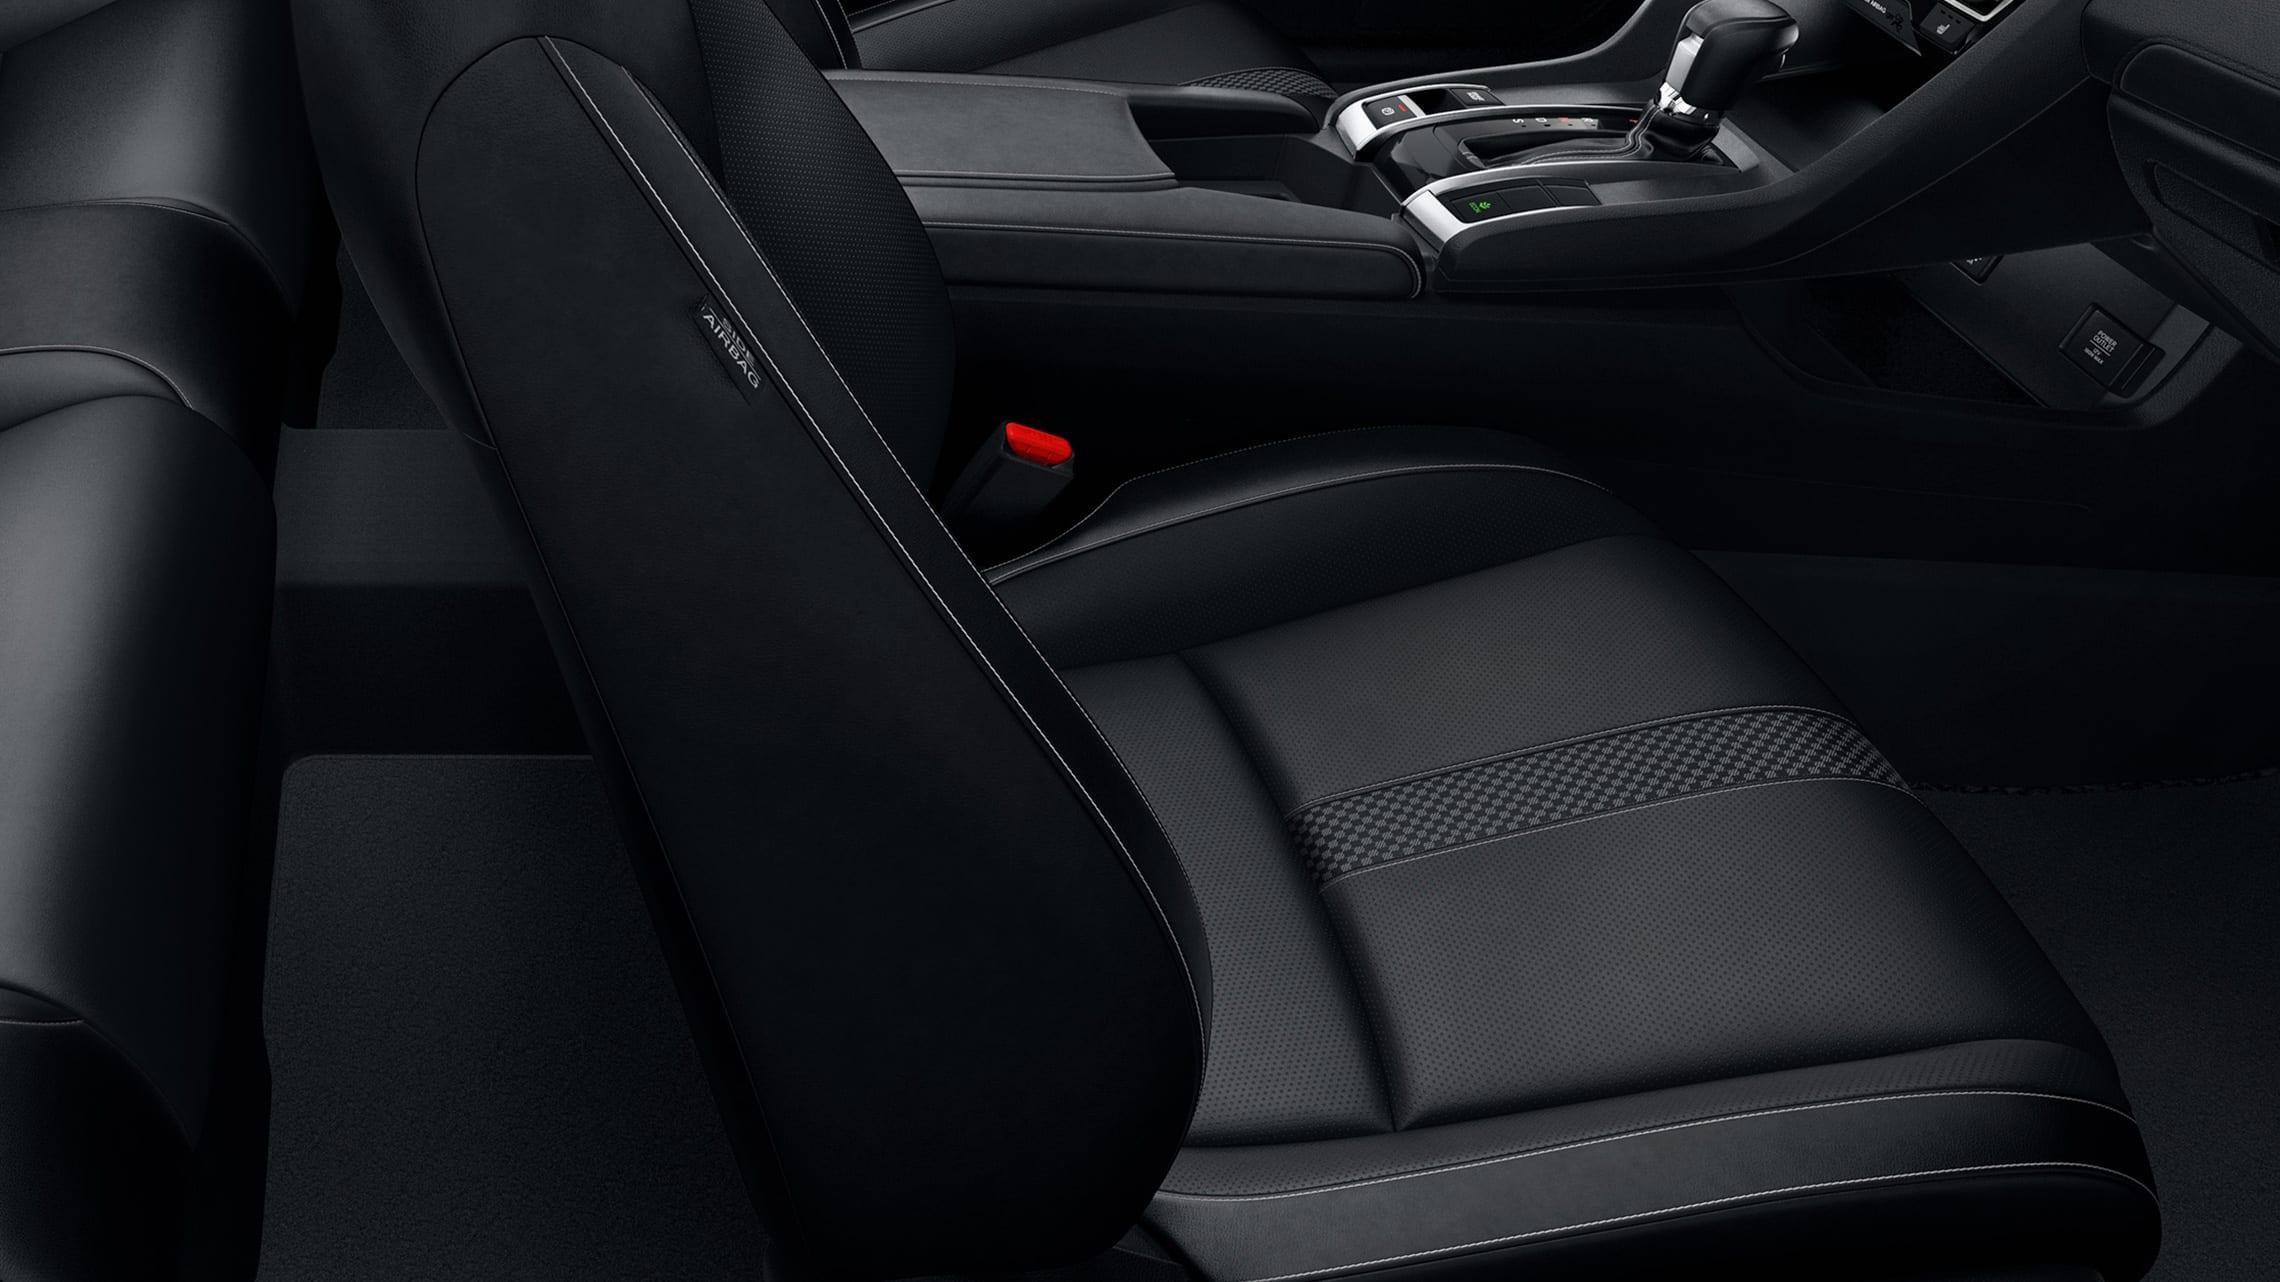 Detalle del asiento con detalles de cuero en el Honda Civic Touring Coupé2020 con Black Leather.